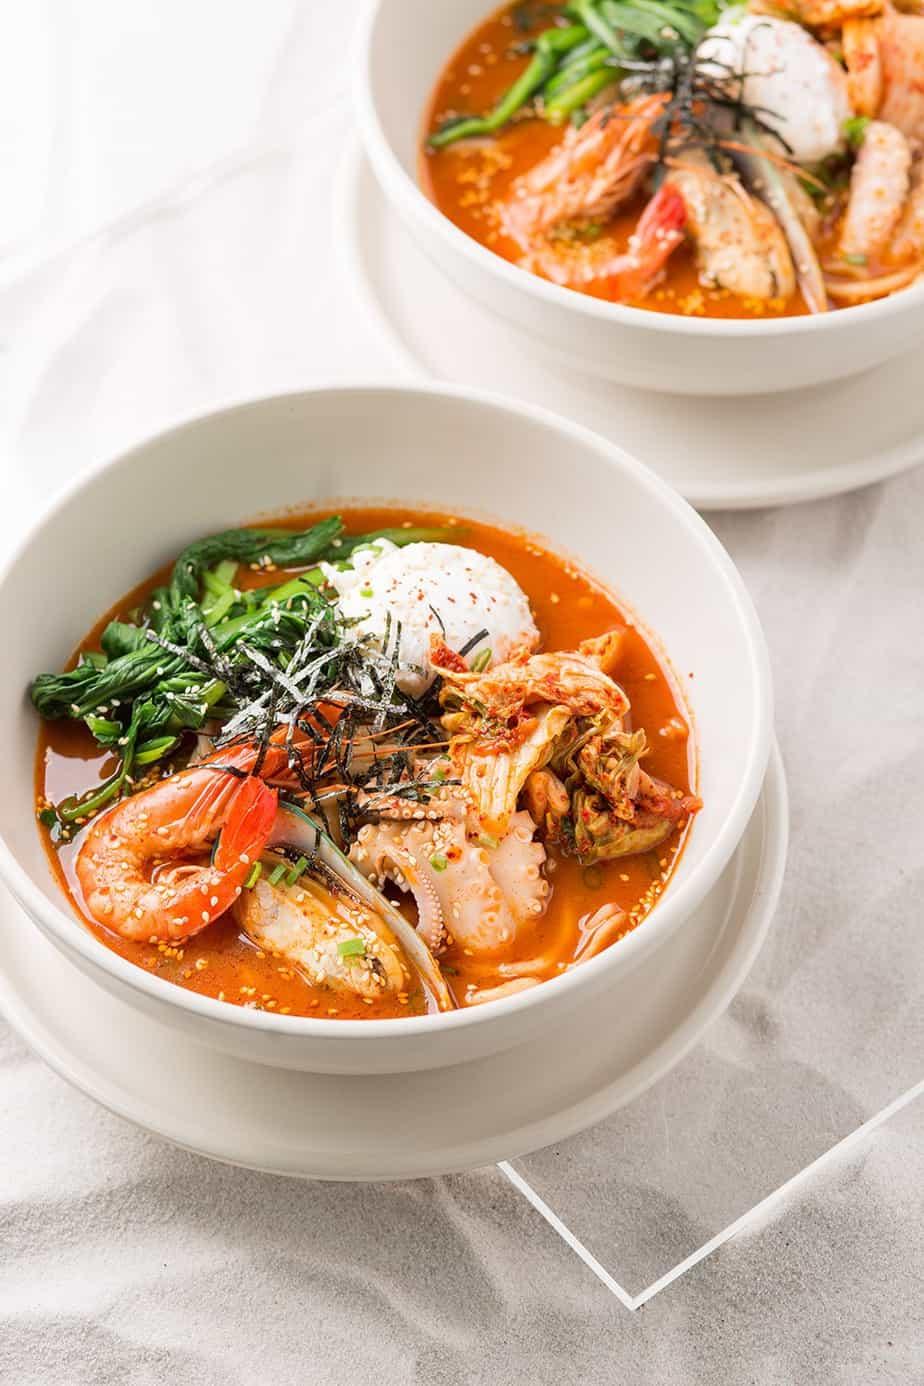 Top 5 Nhà hàng Hải Sản Ngon Không Nên Bỏ Lỡ tại TP HCM - nhà hàng hải sản ngon ở tphcm - Marina Sài Gòn | Nhà hàng Hải Sản cao cấp Yo's | Nhà hàng Rạn Biển 45